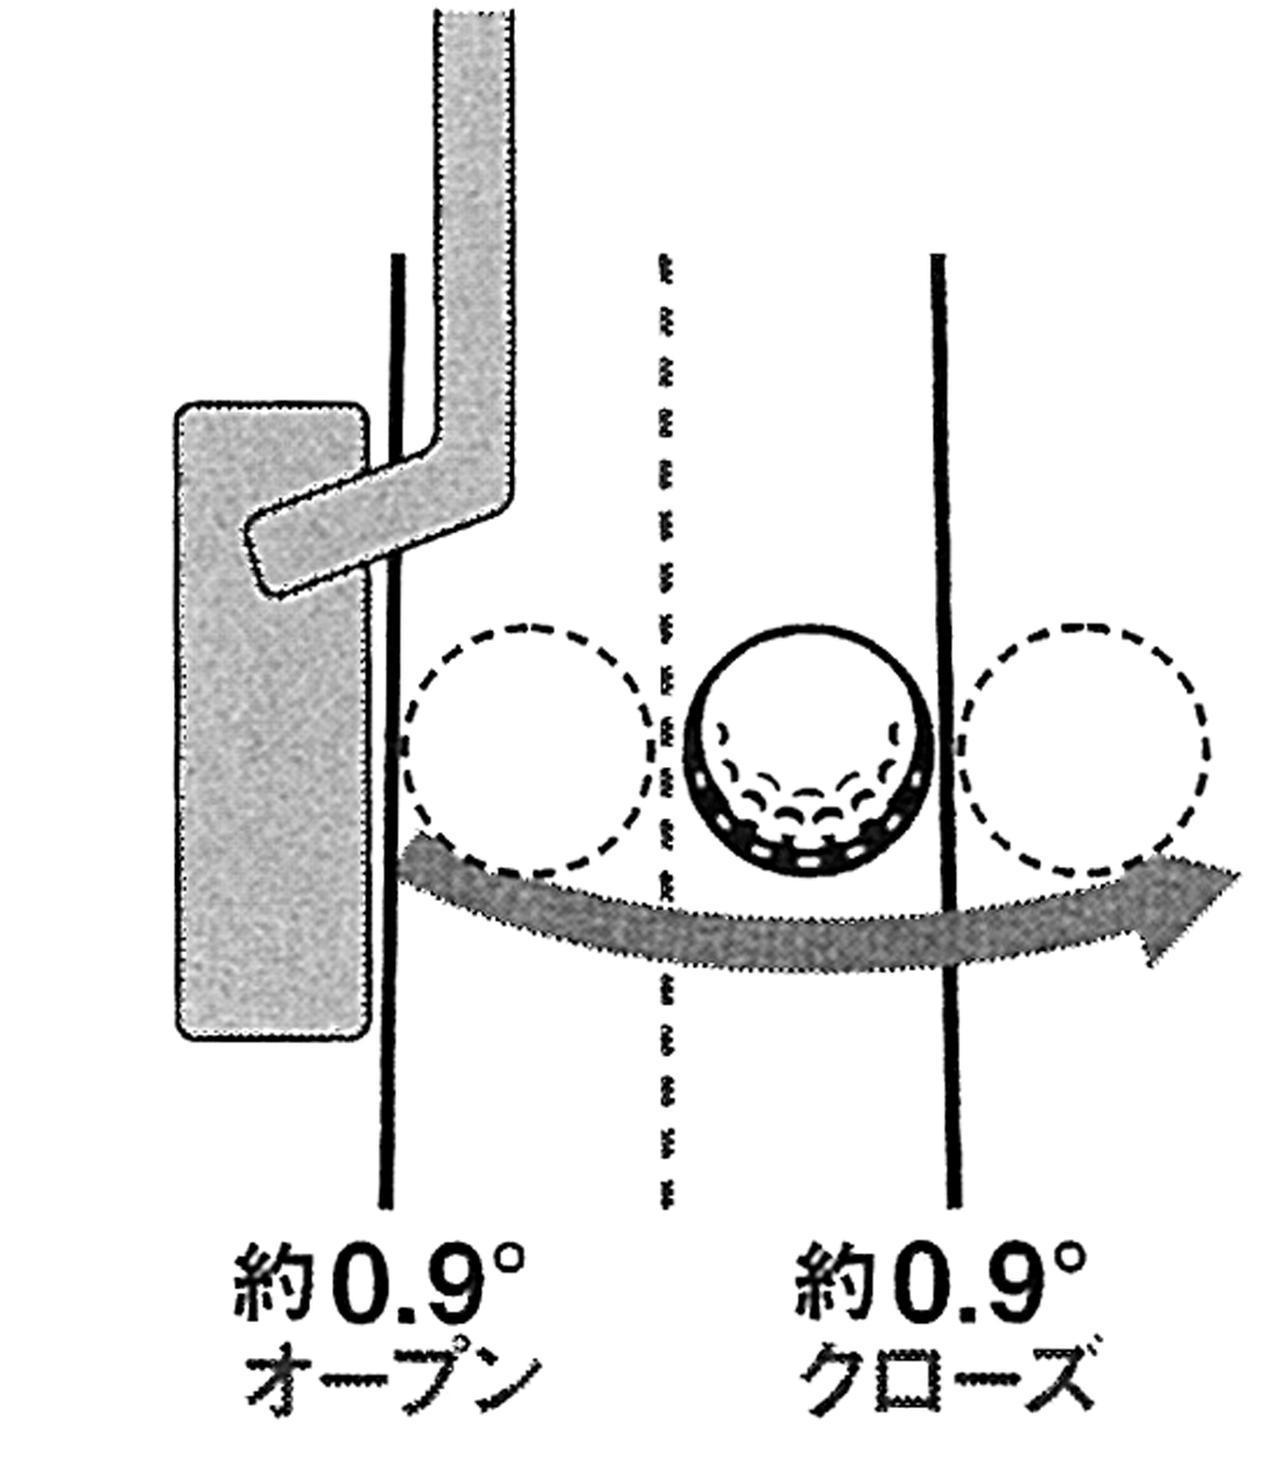 画像2: 重いグリーンは上りのパットと一緒。リズムを速めるとヘッド軌道がブレにくい